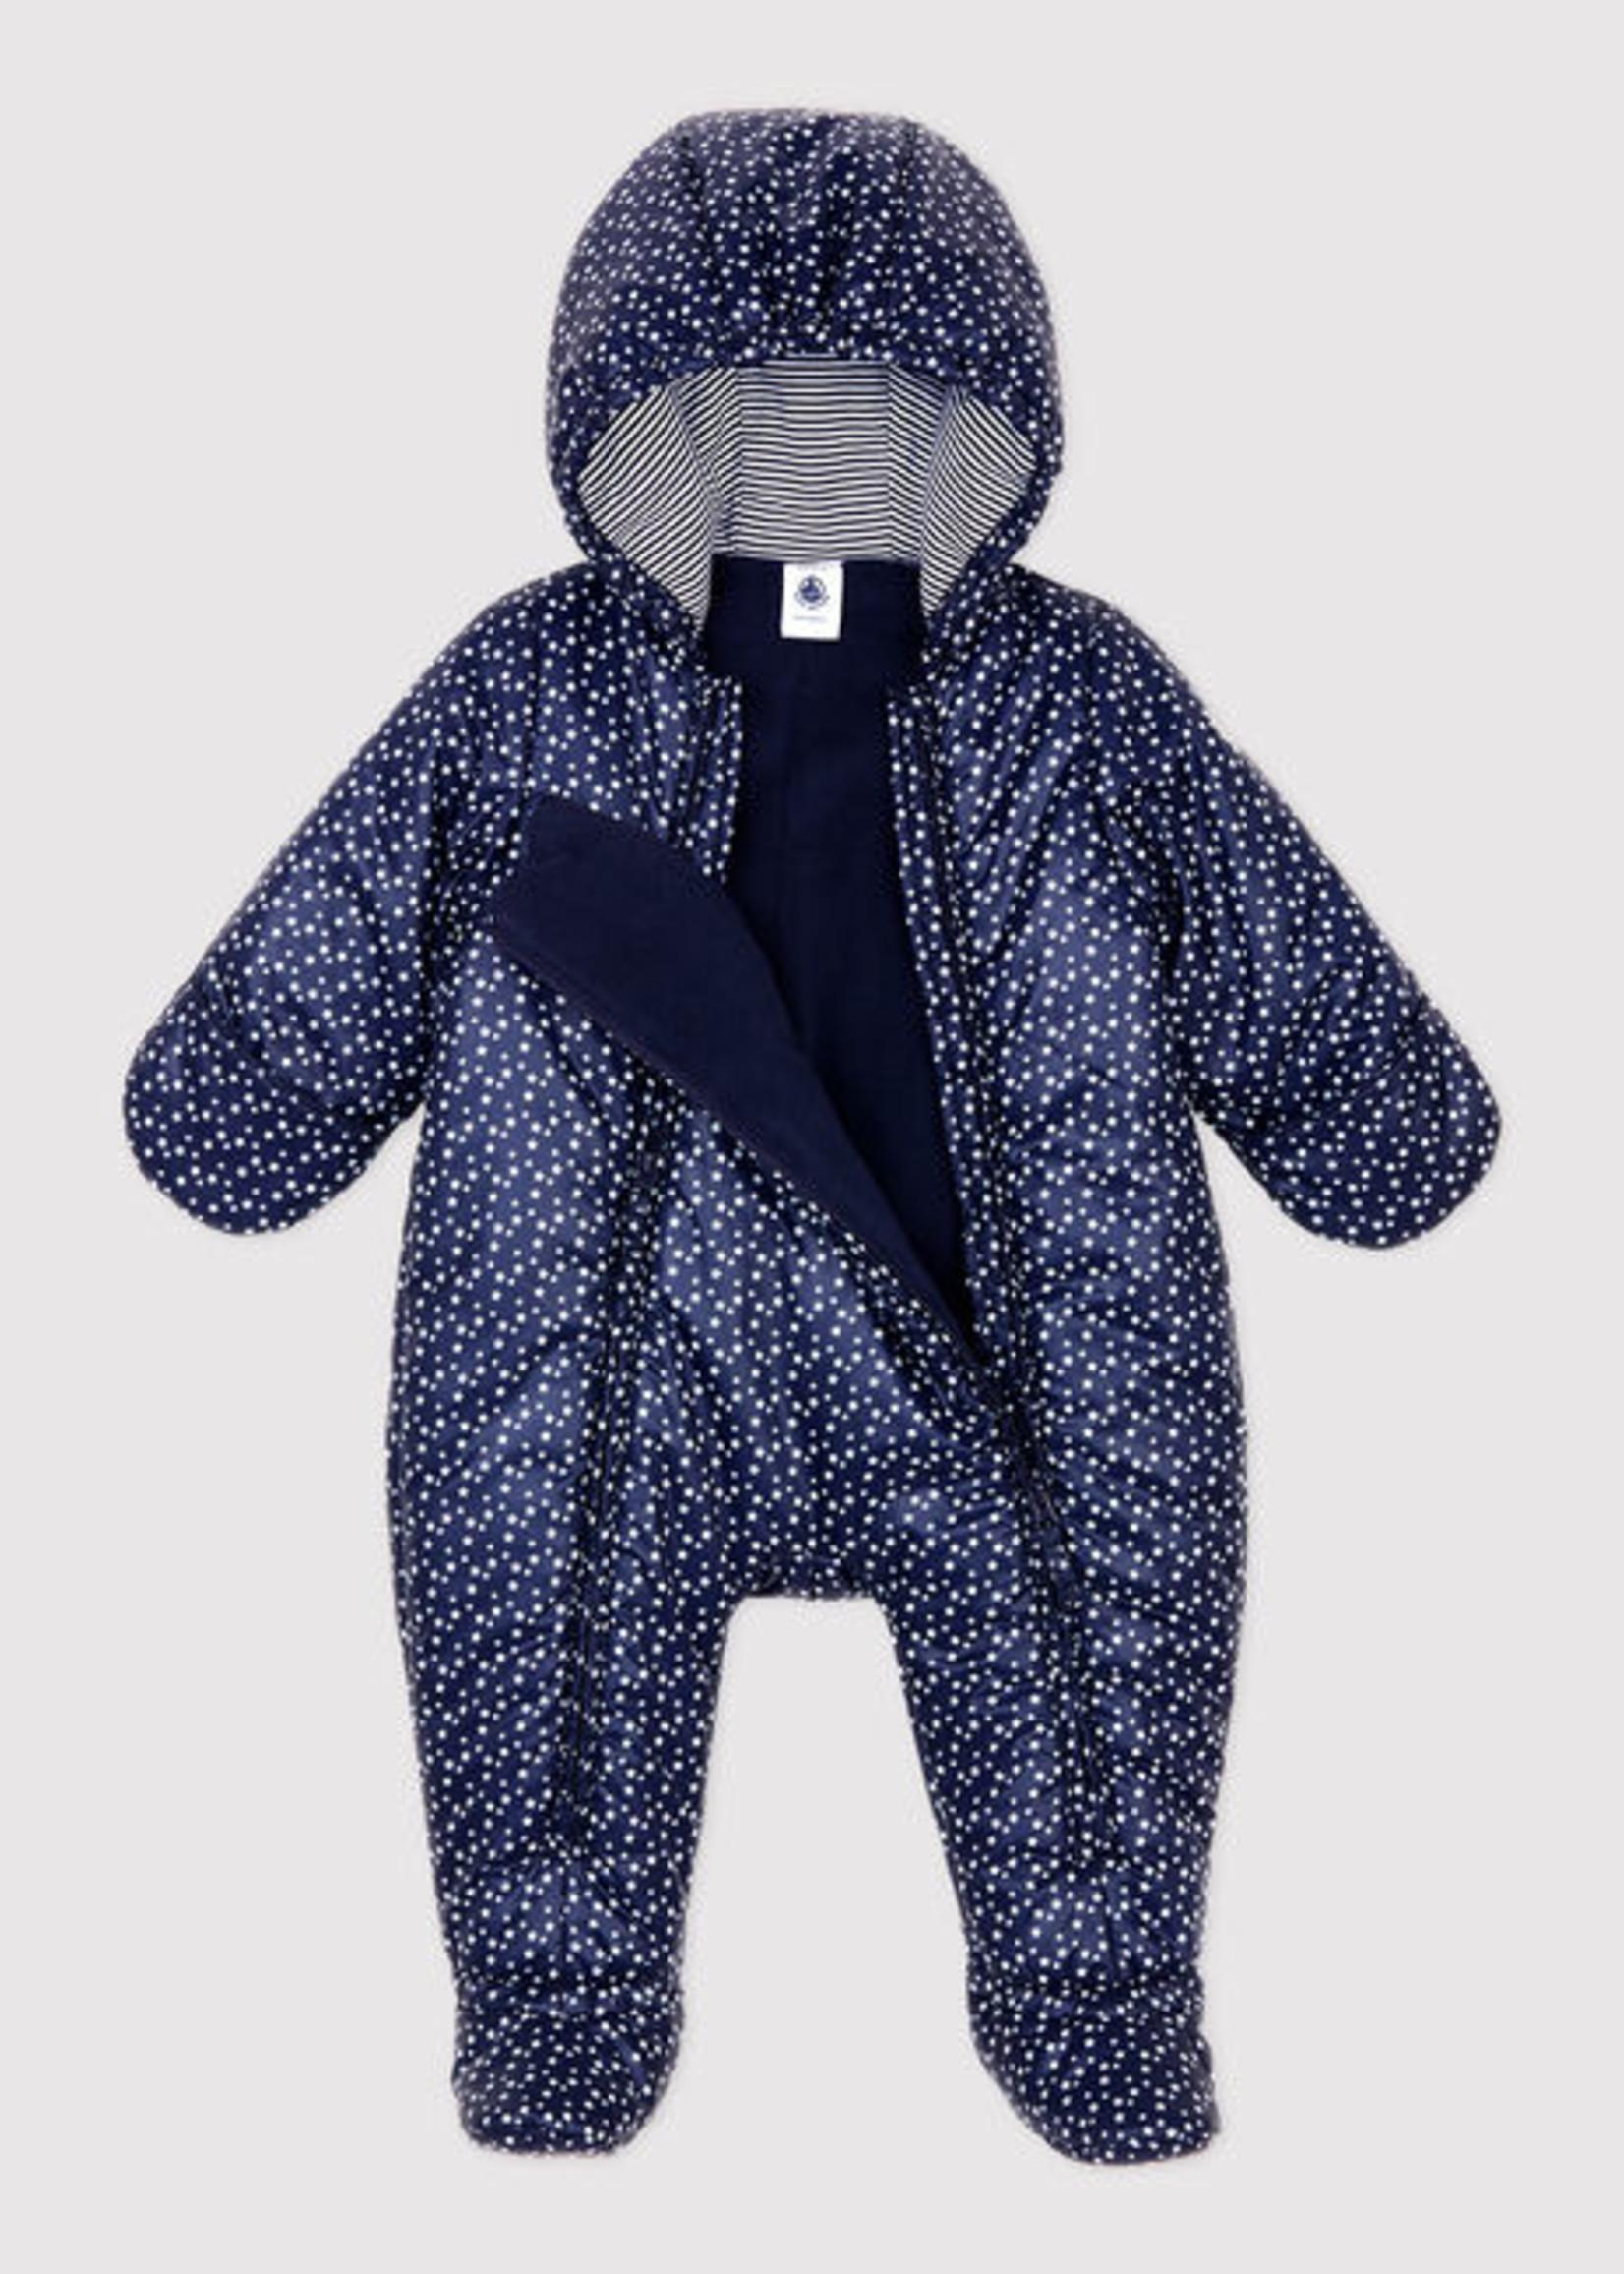 Petit Bateau Petit Bateau-AW21 A01E401 Suit